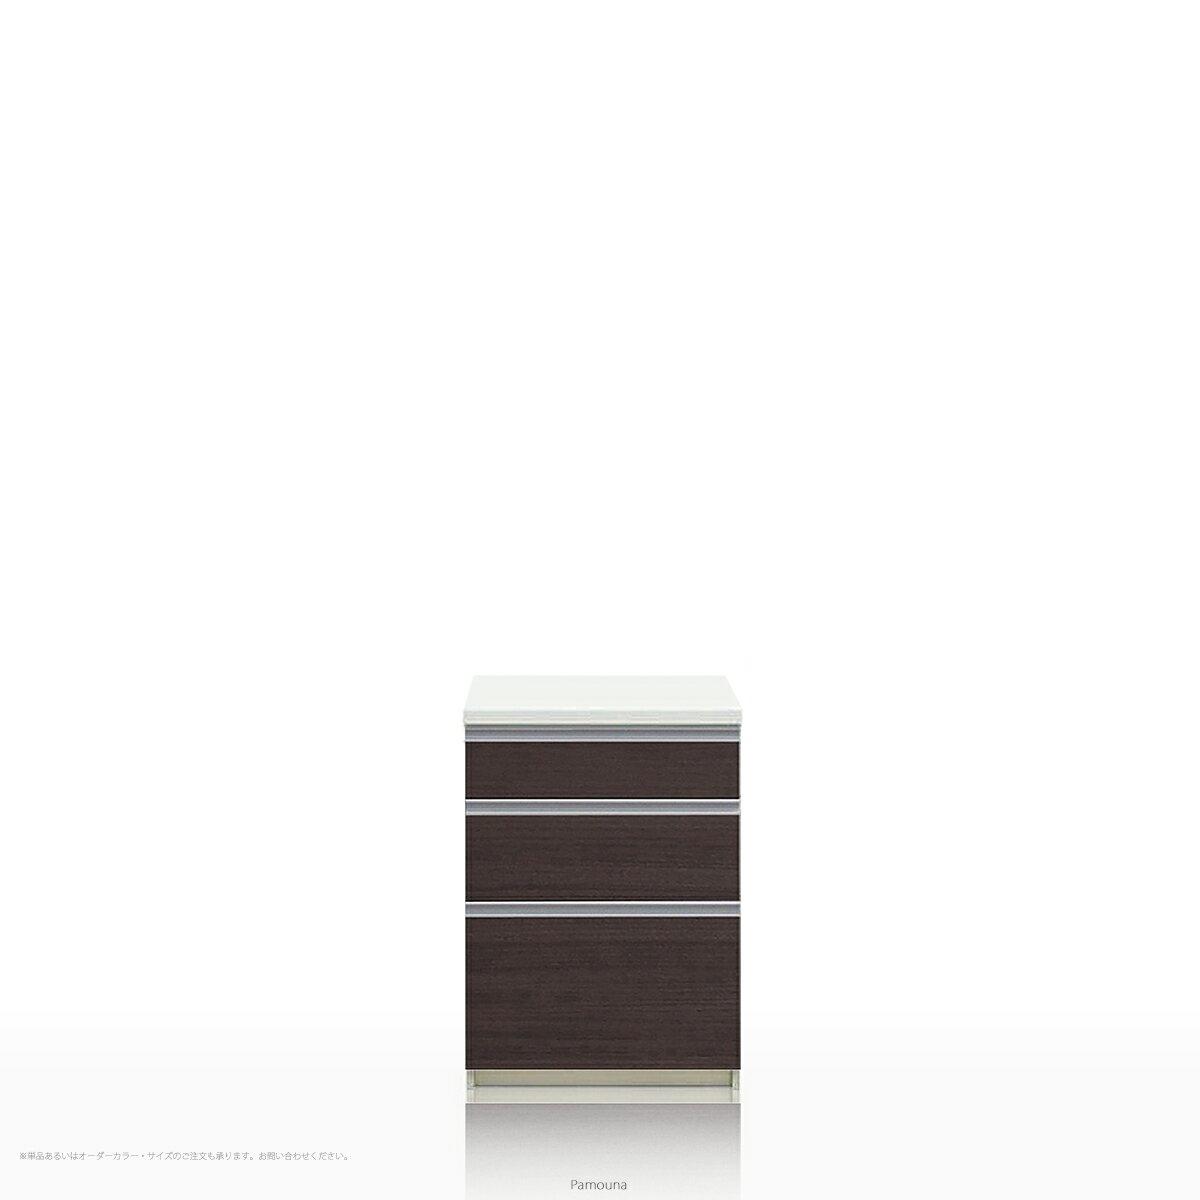 Pamouna(パモウナ) LFシリーズ LF-S600K キッチンカウンター/食器棚の下台 (幅60cm, 奥行き45cm, カカオチェリー)【送料無料 ※対象地域(本州,九州,四国)】【同梱不可】